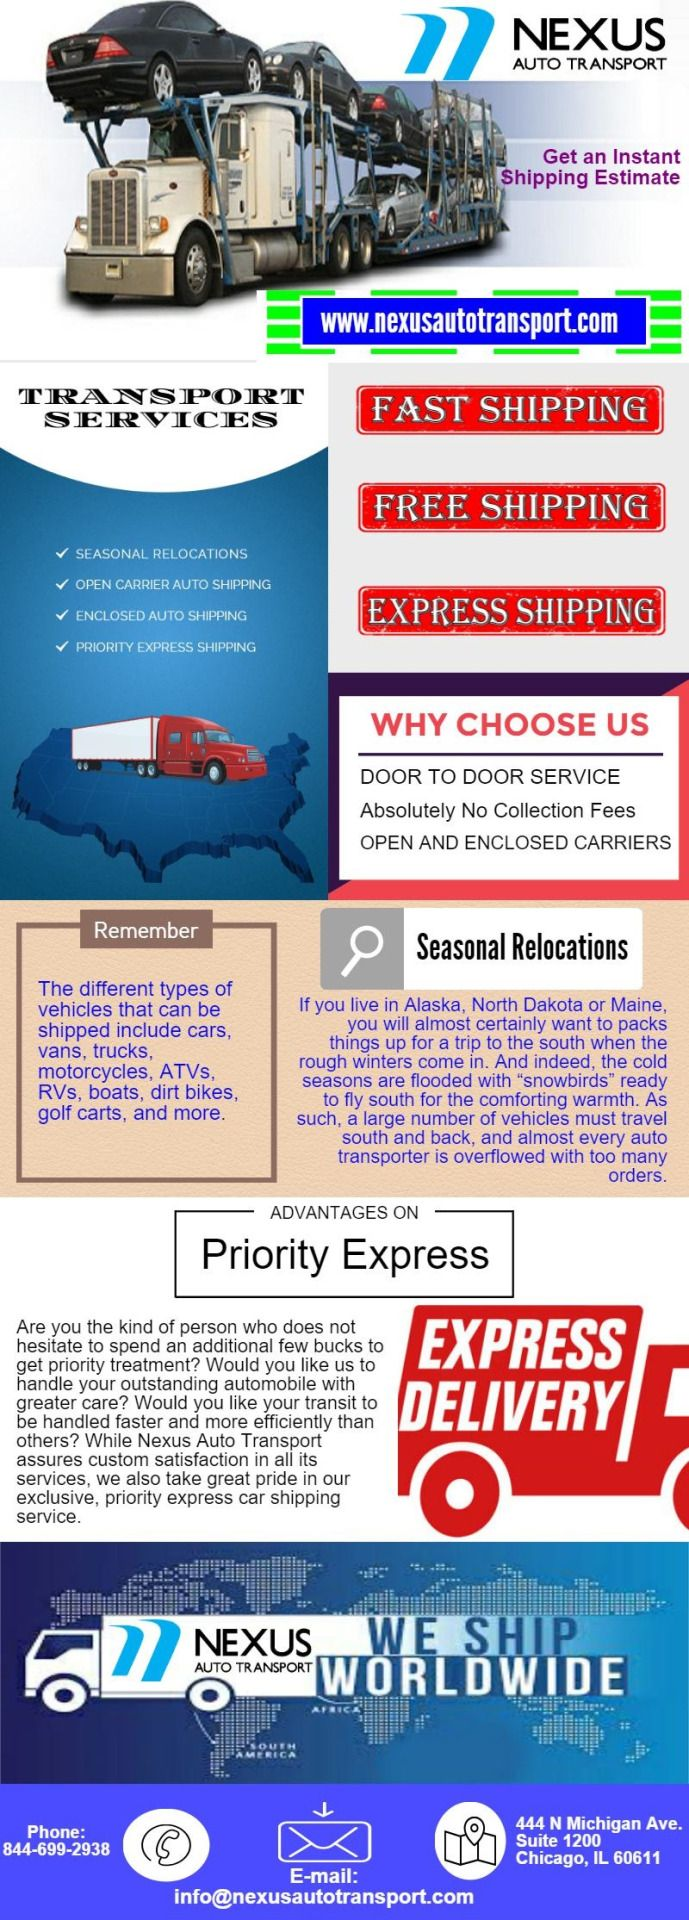 pinnexus auto transport on open carrier auto shipping